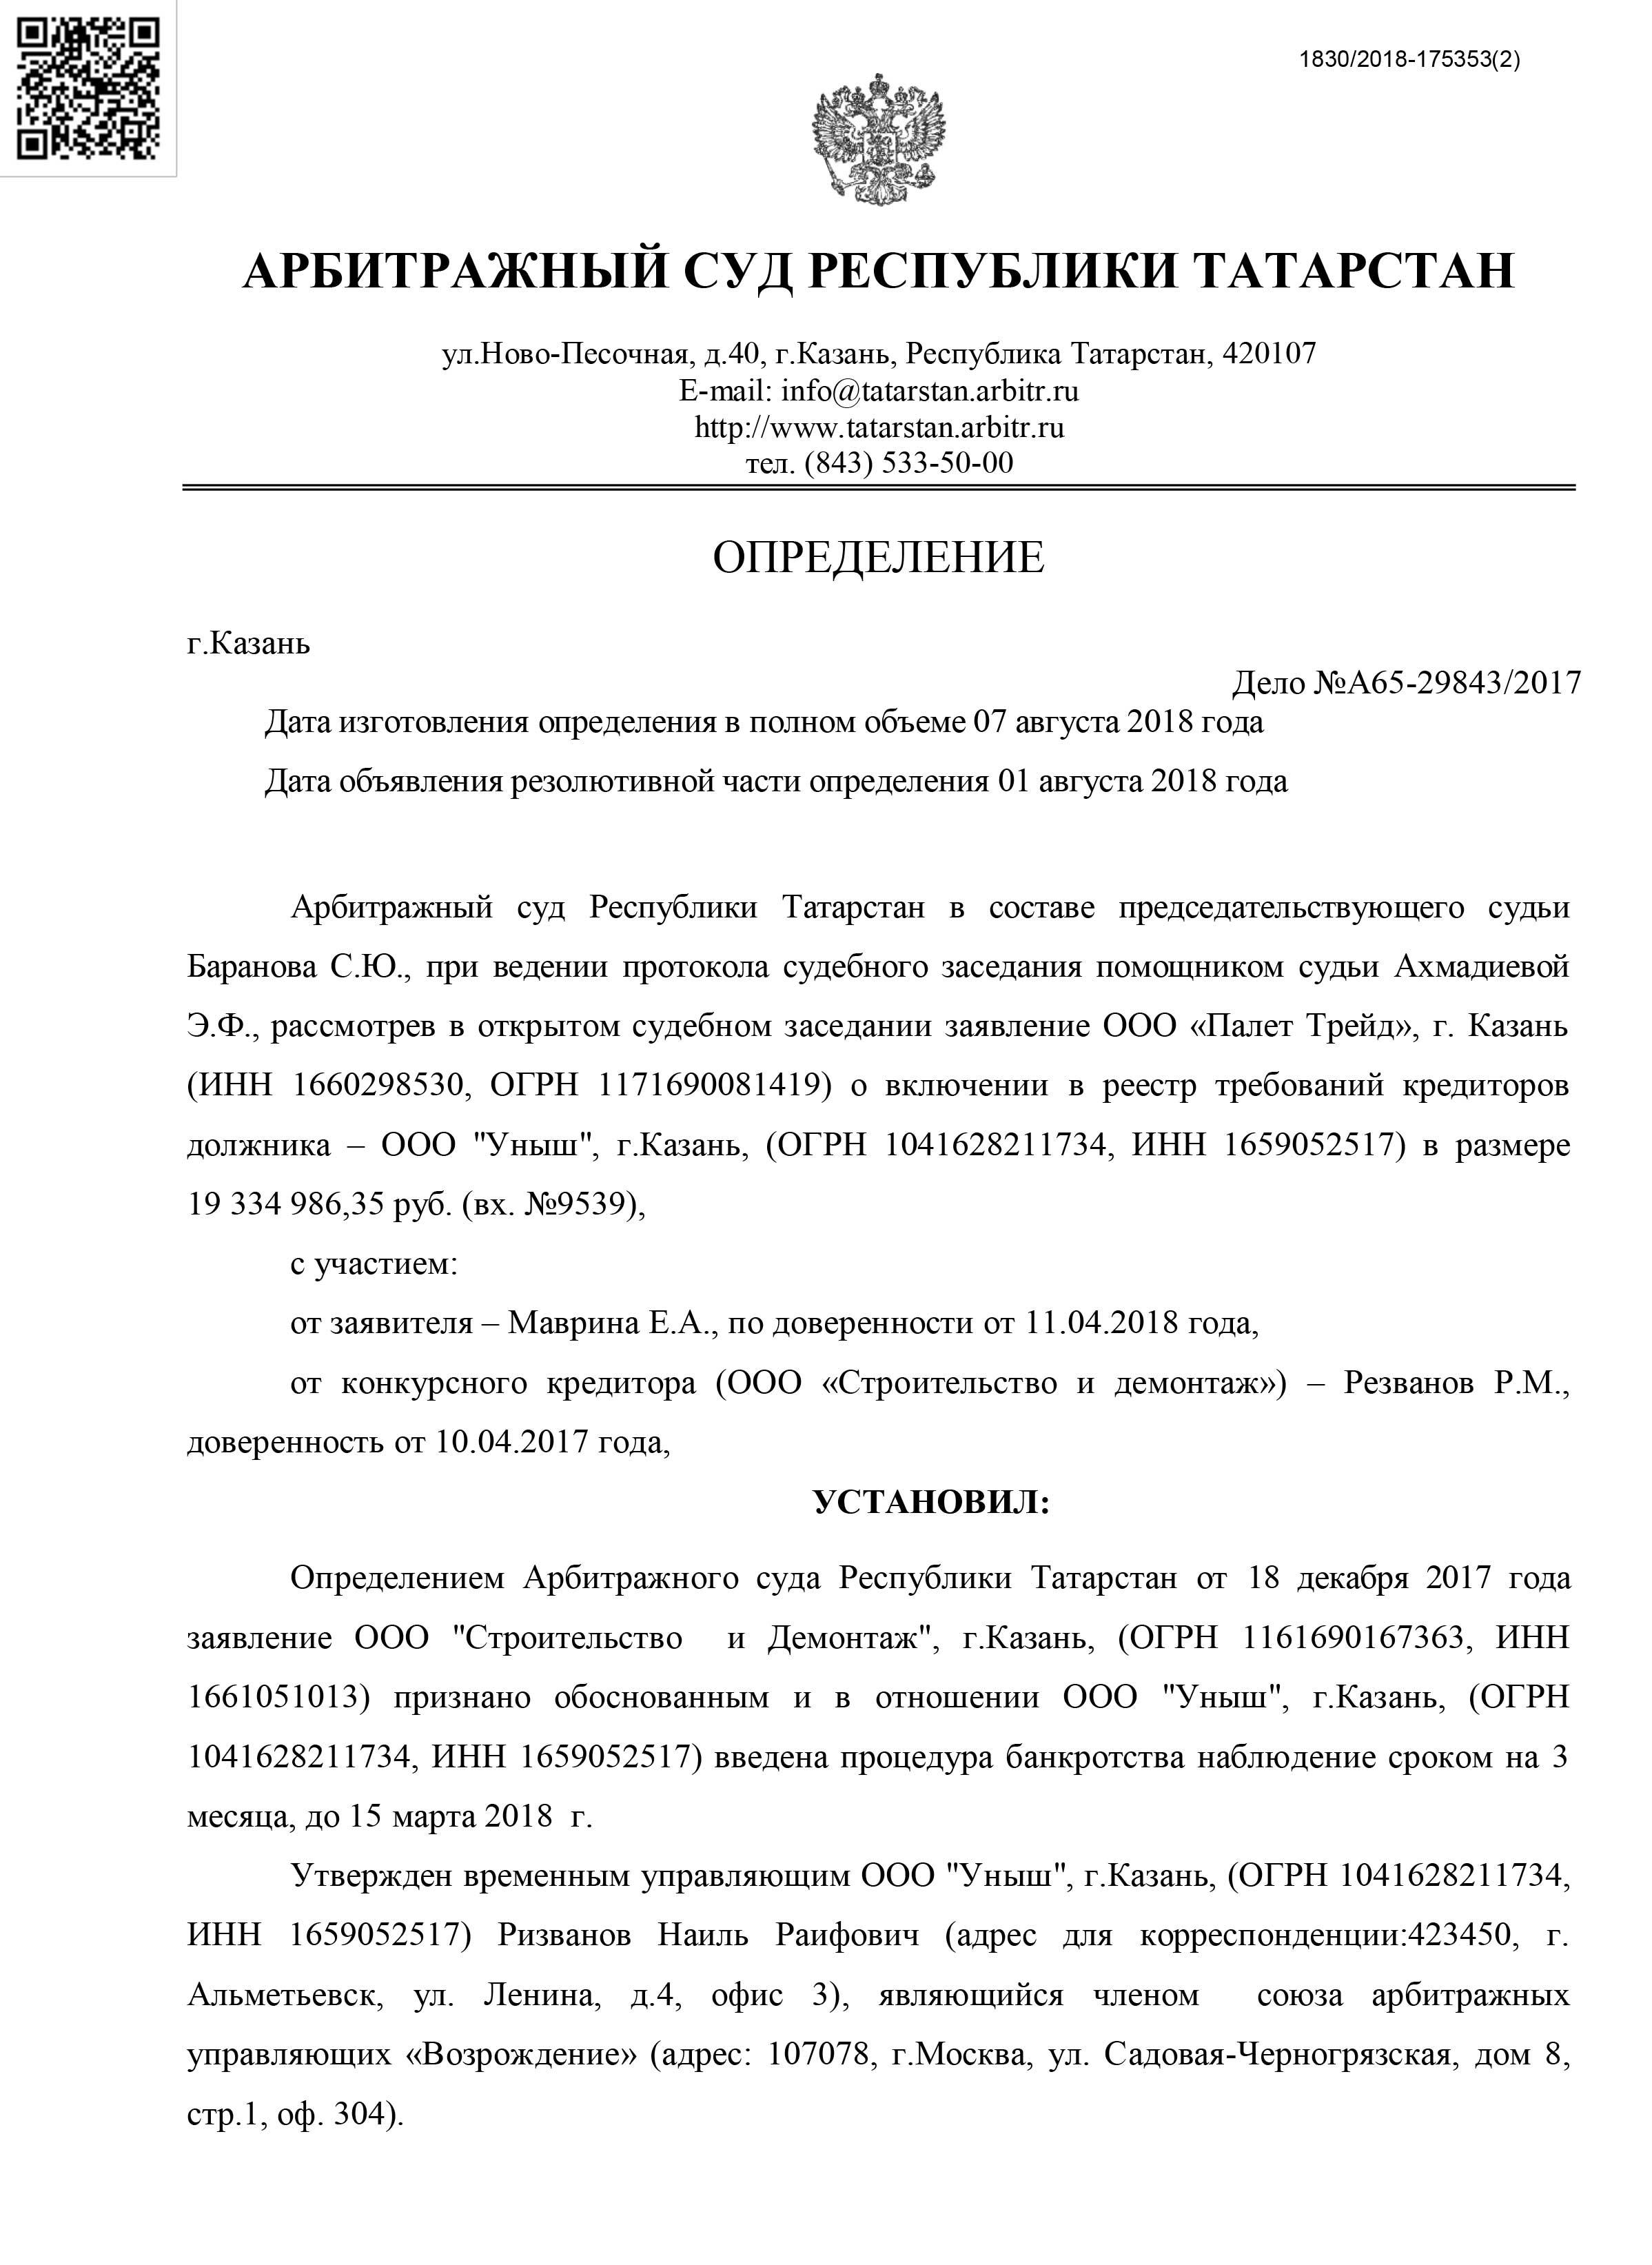 A65-29843-2017_20180807_Opredelenie-1